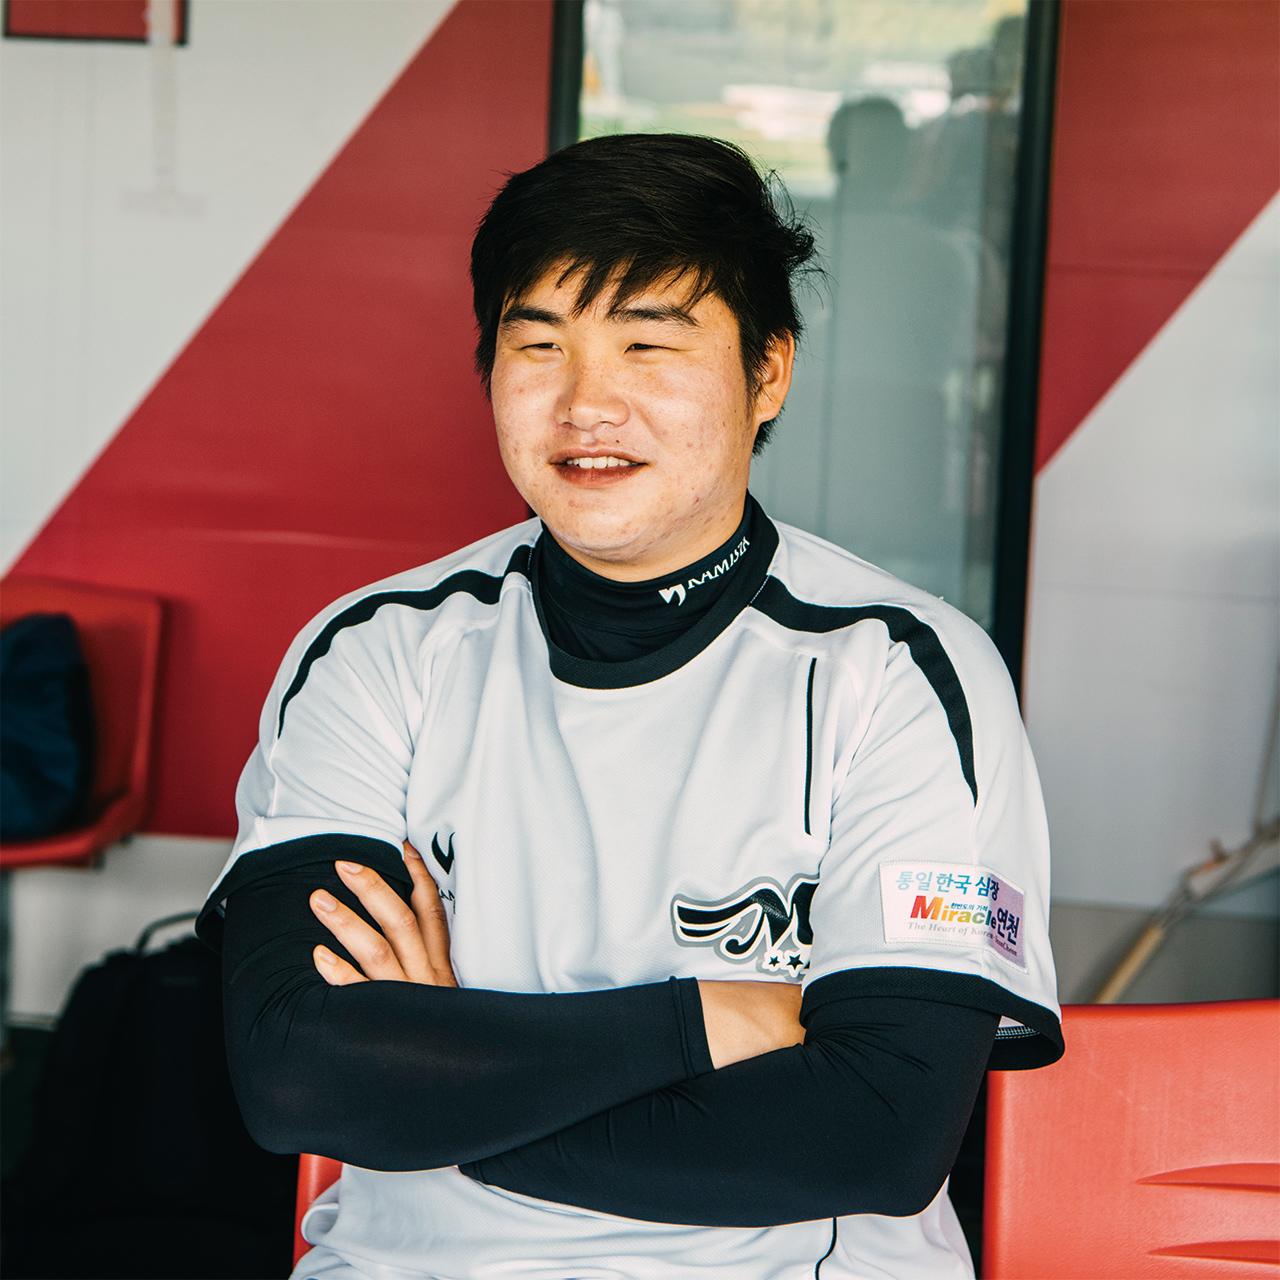 """<strong>강화영(11번, 1993년생), 투수</strong><br/>""""류현진이랑 같은 수술을 했어요. 야구를 그만두려고 했는데 아이들을 가르치면서 한번 더 해볼까 싶어졌어요. 야구를 좋아하는 사람들에게 감동을 주는 선수가 되고 싶어요."""""""